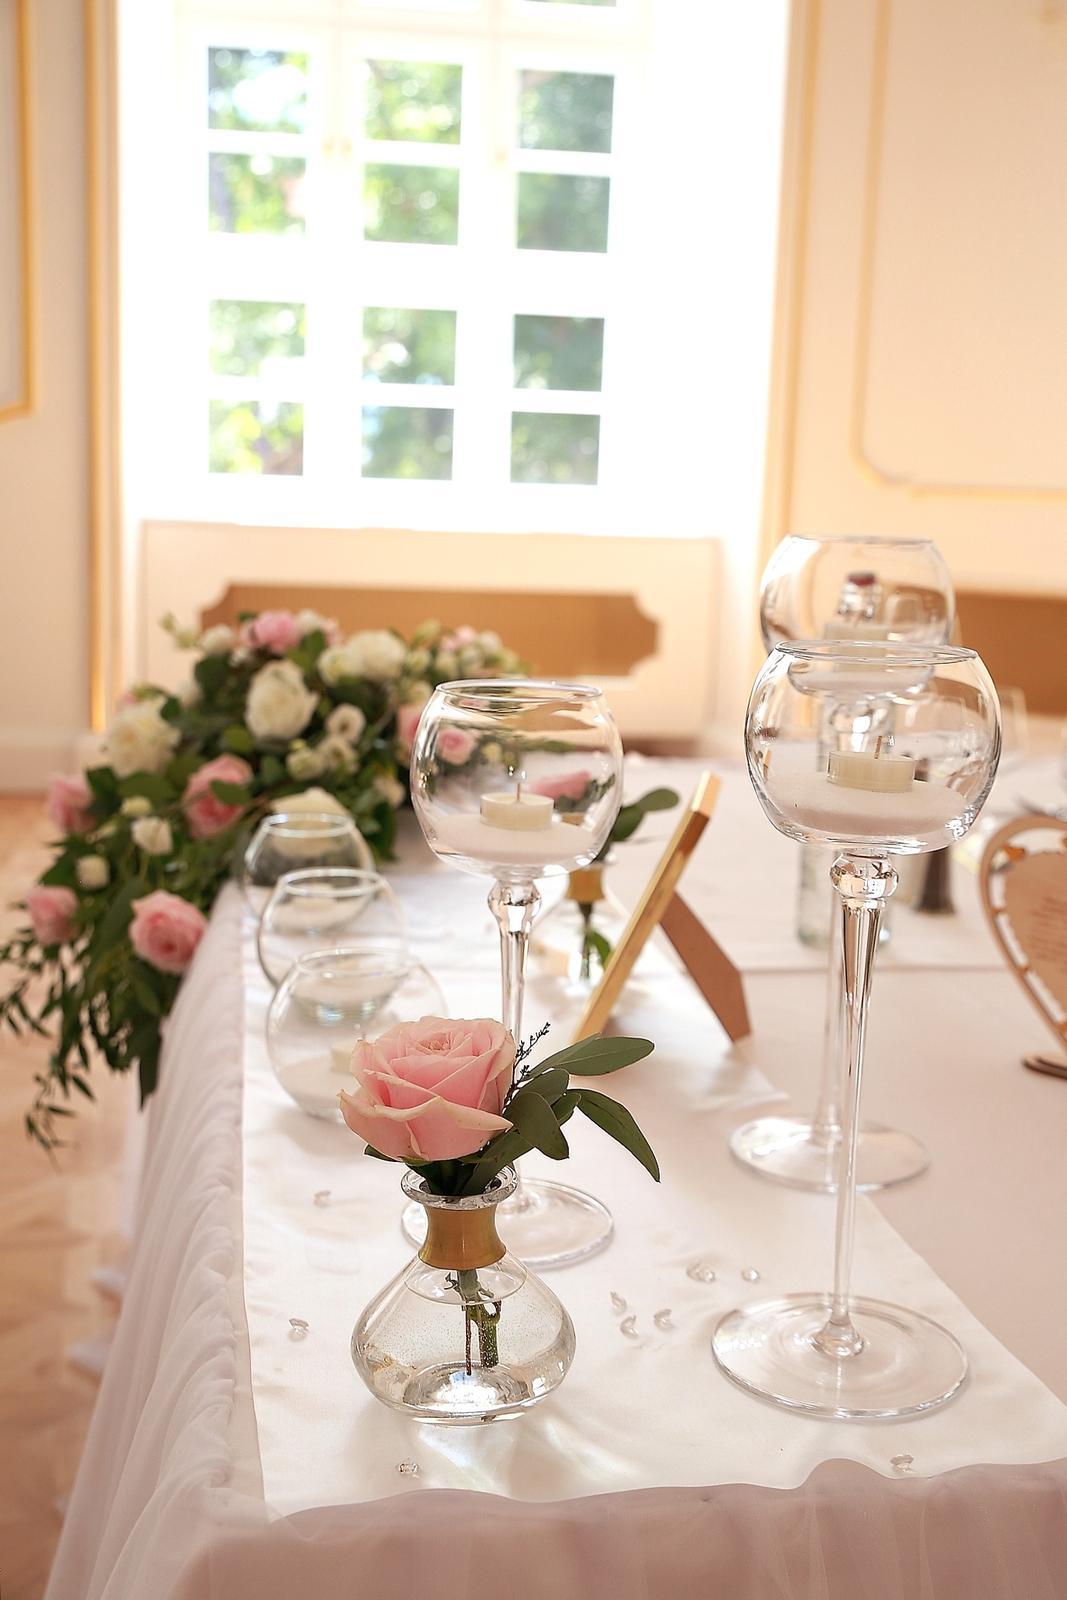 Svadobné dekorácie - požičovňa svadobných dekor. - Obrázok č. 24